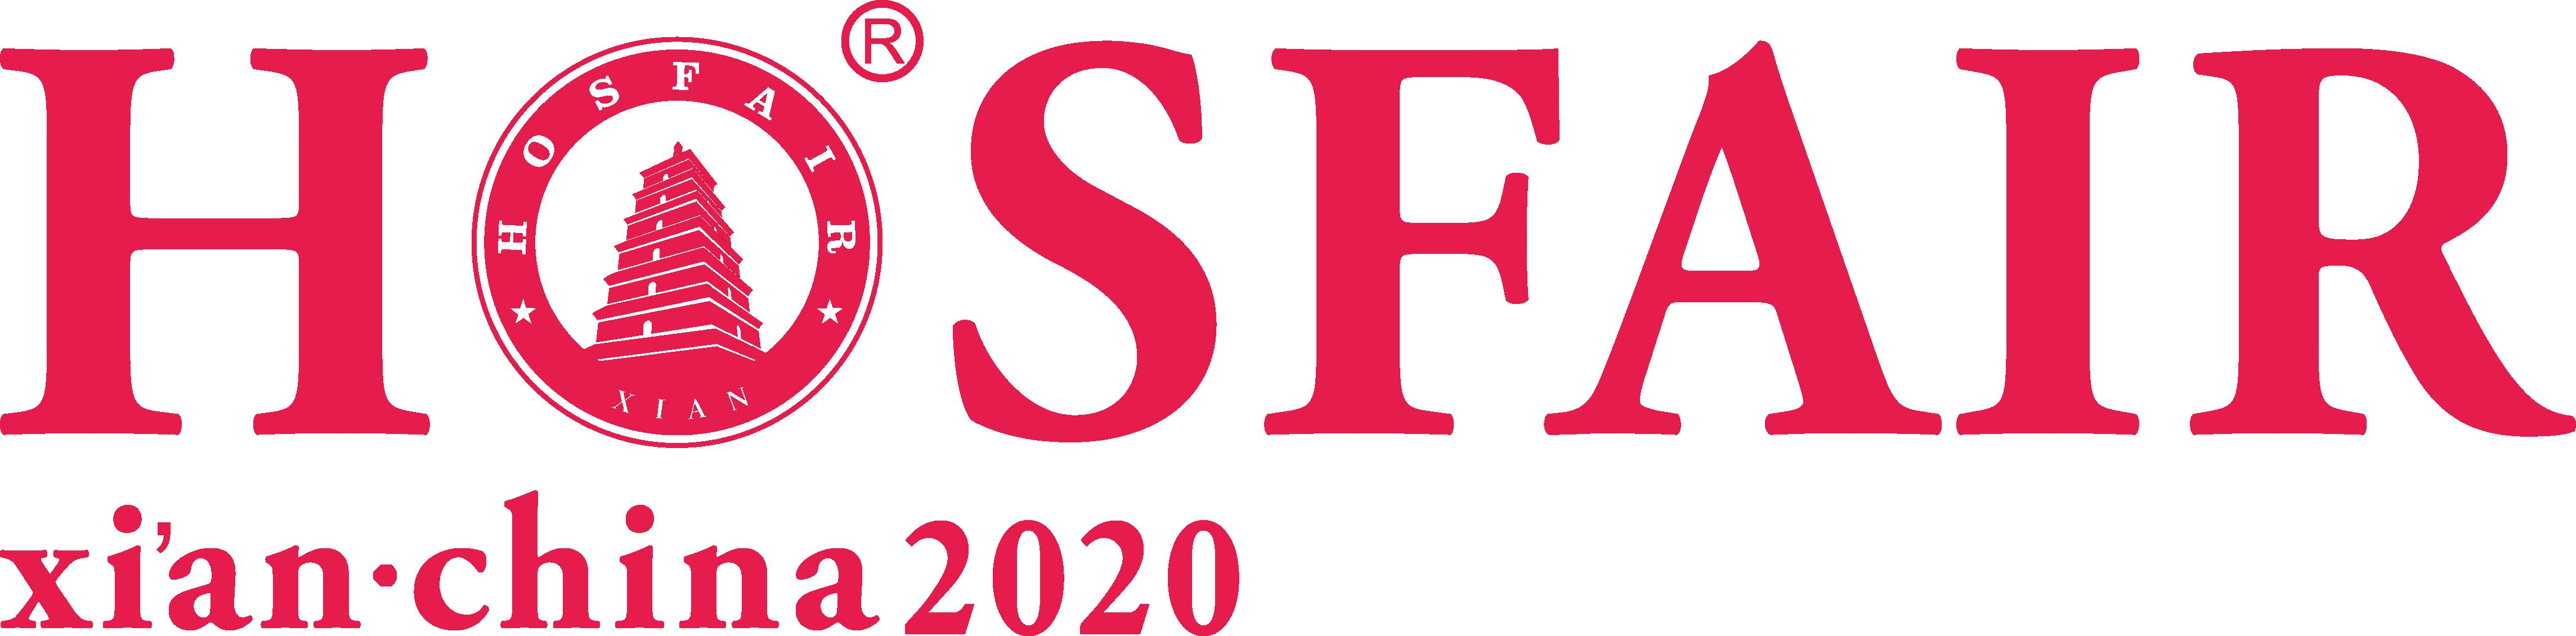 2020西安国际餐饮供应链展览会